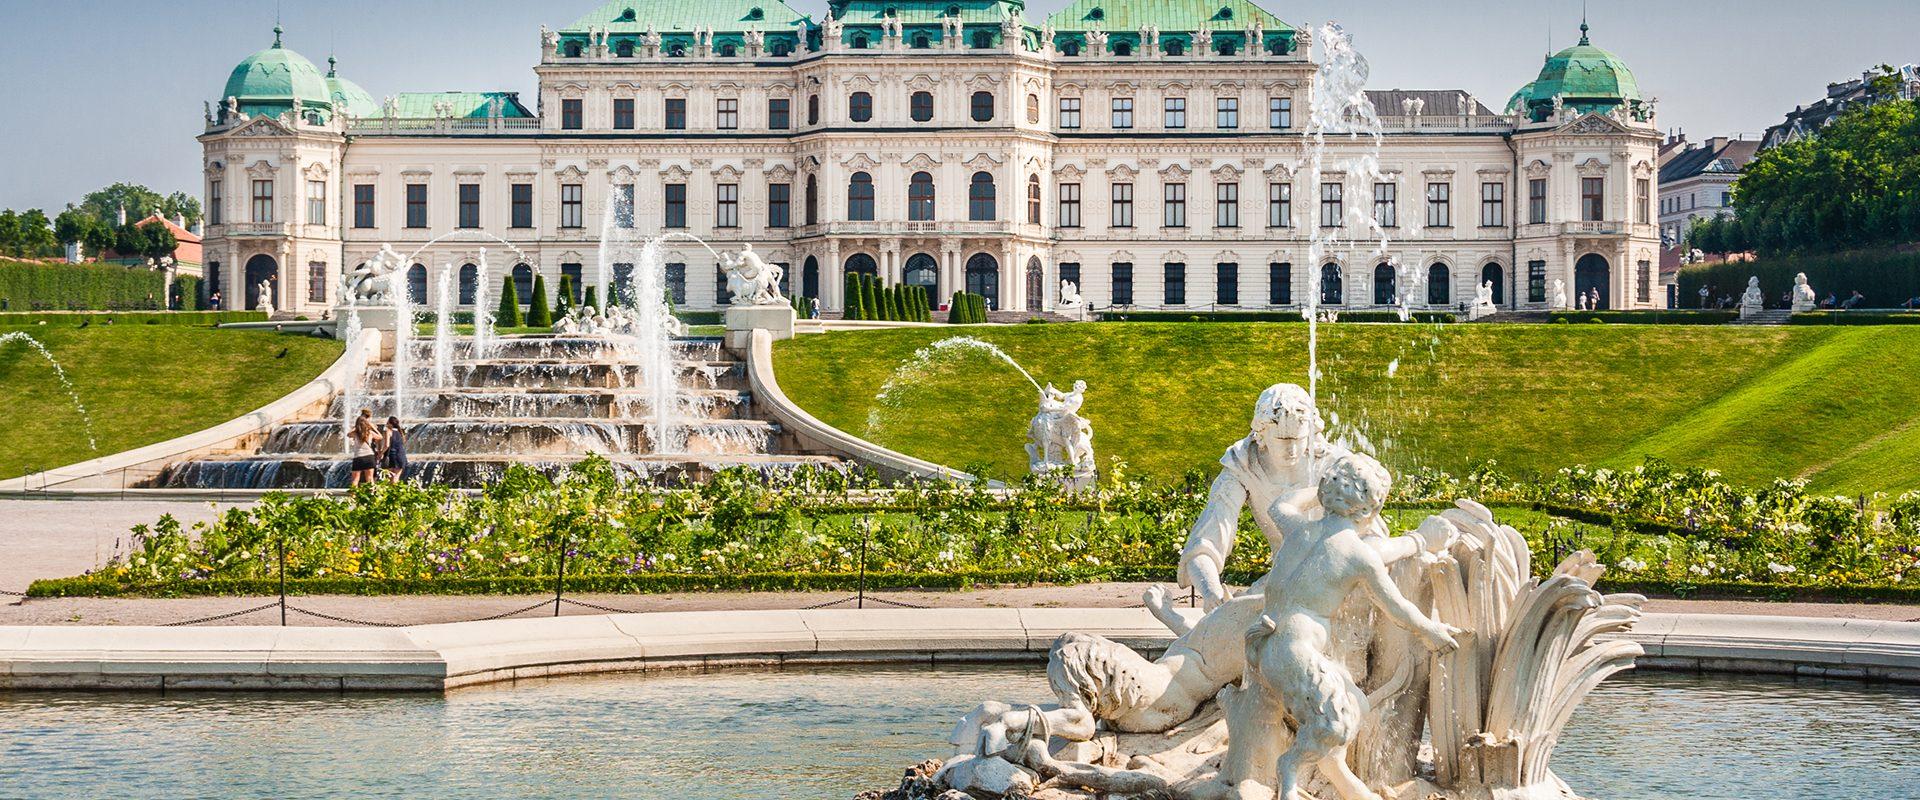 vienna-Schönbrunn-palati